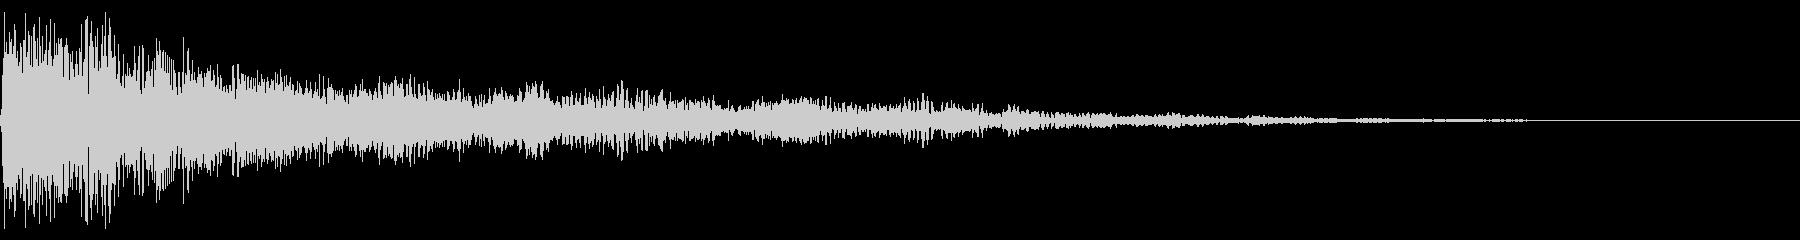 エレクトロザップシンセドローンザップの未再生の波形